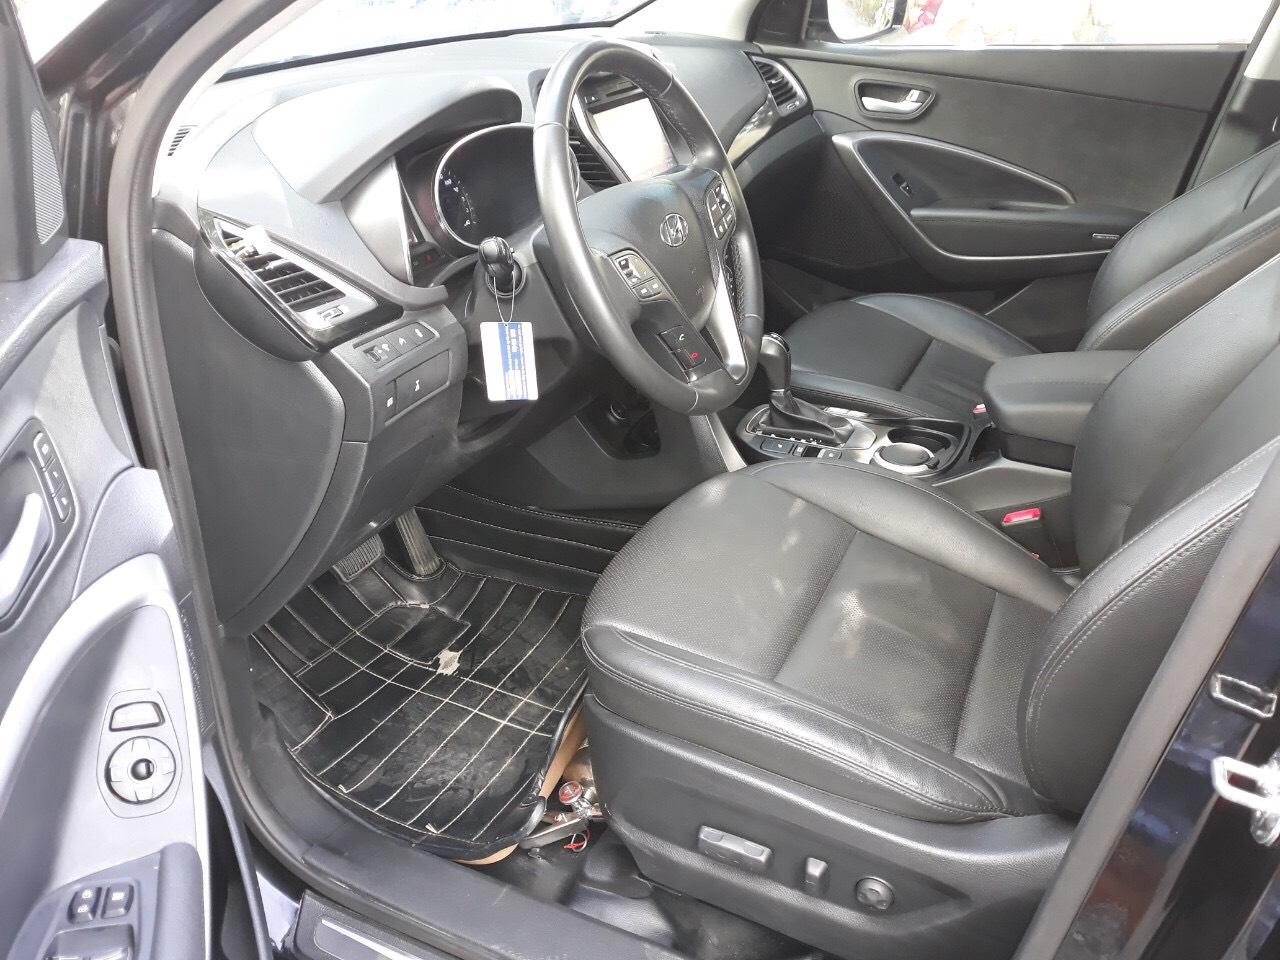 Bán Hyundai SantaFe 4WD 2.4AT màu đen VIP máy xăng bản full 2 cầu số tự động sản xuất 2015 biển Sài Gòn